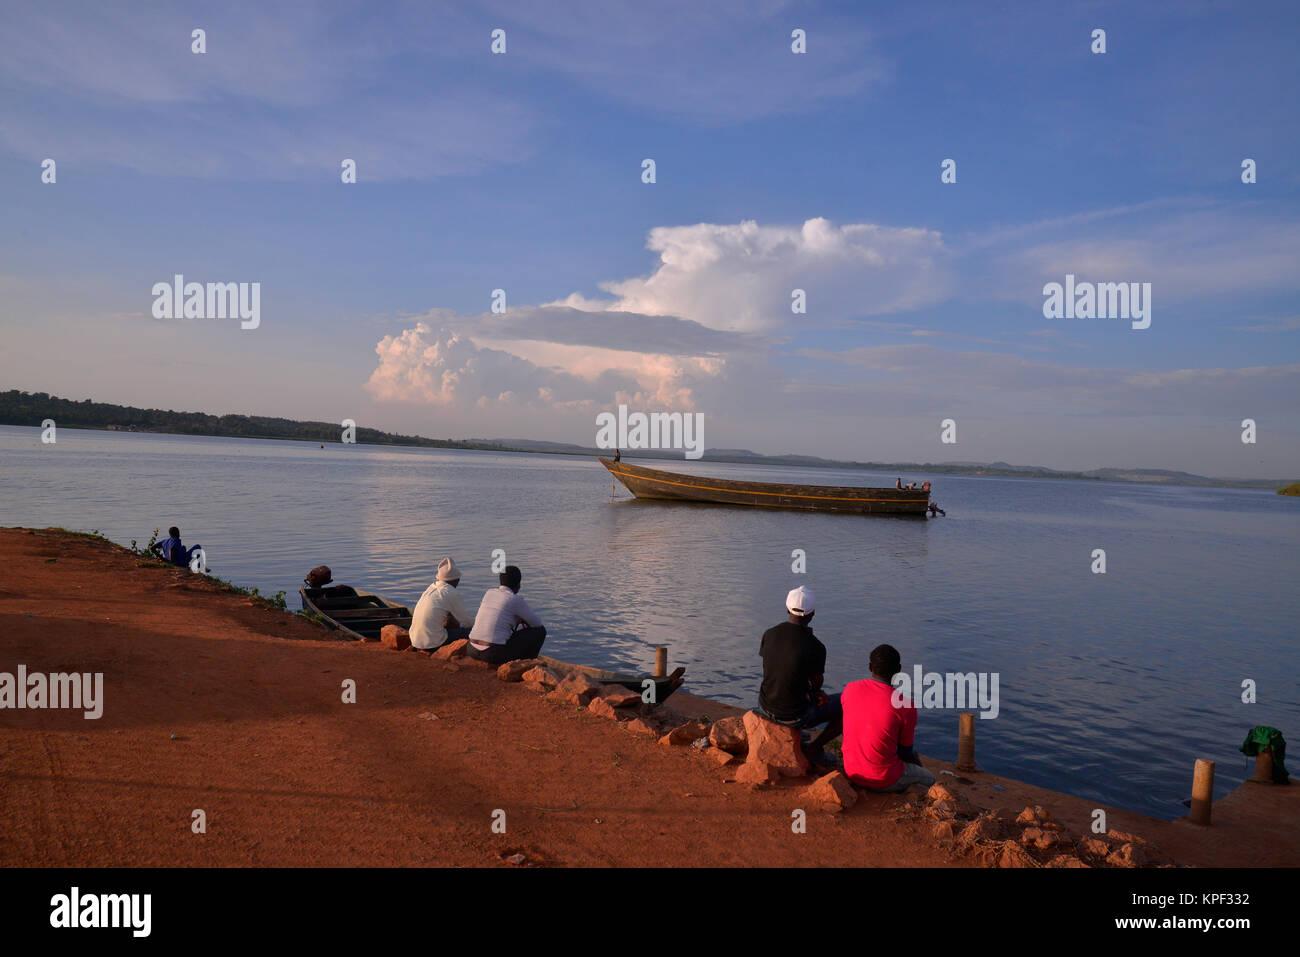 """L'Ouganda est appelée la """"perle de l'Afrique"""" à cause de ses beaux paysages, des gens Photo Stock"""